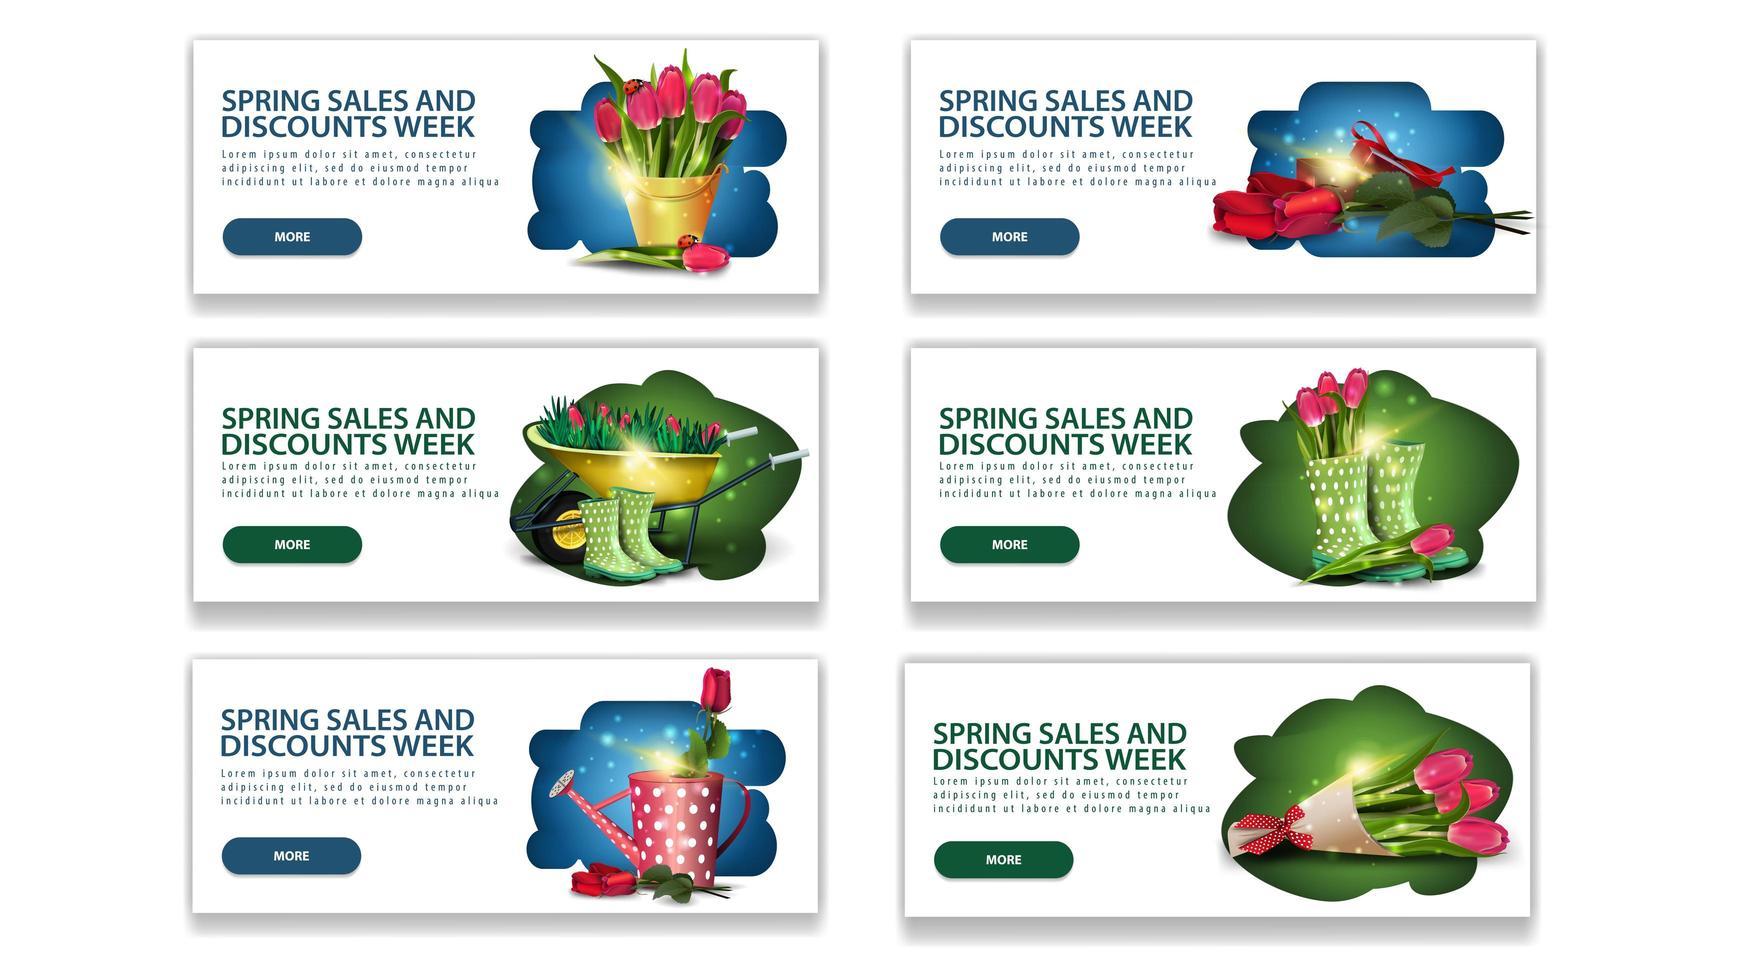 lente verkoop week korting banners met knoppen vector